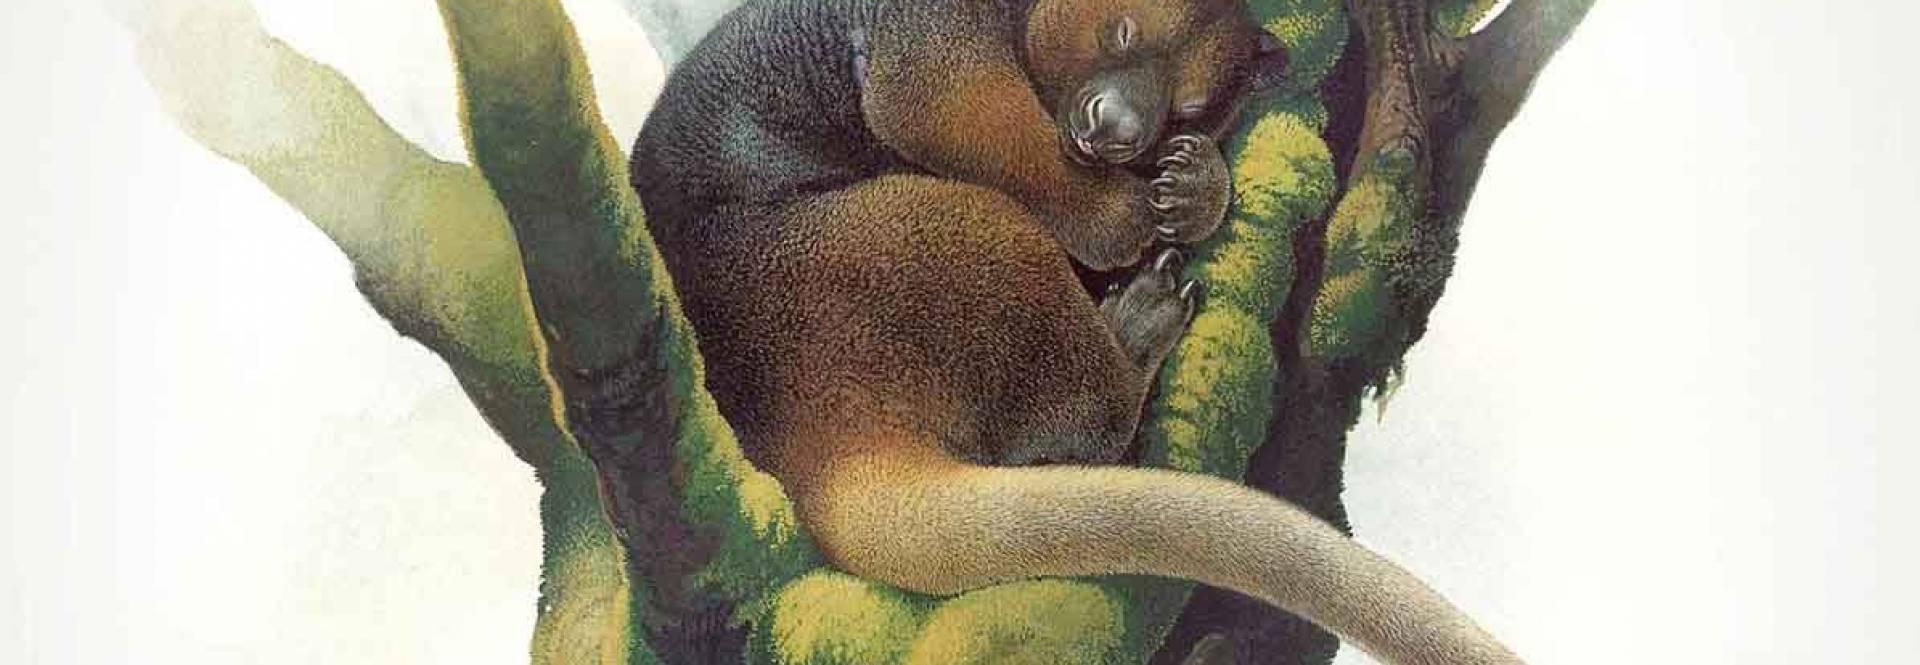 Após ser considerado extinto, raríssimo canguru ressurge